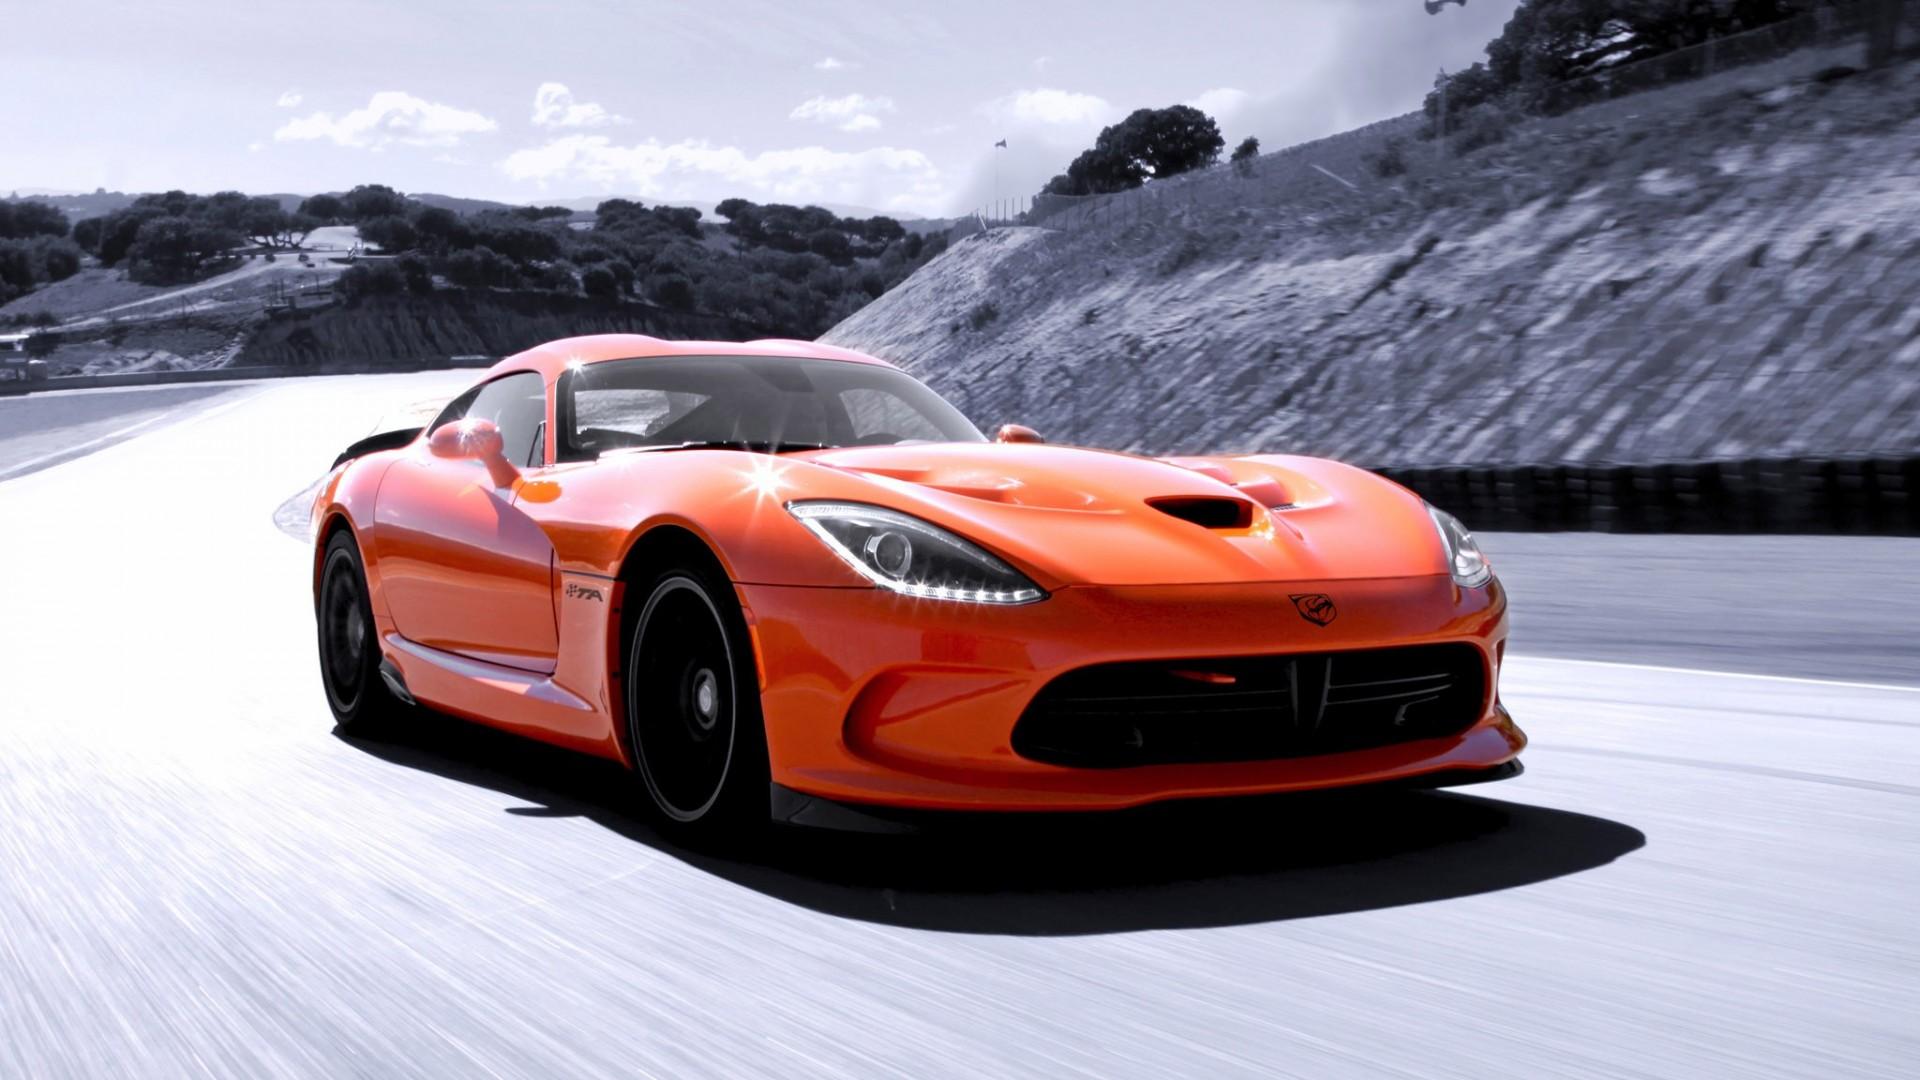 Orange SRT Viper